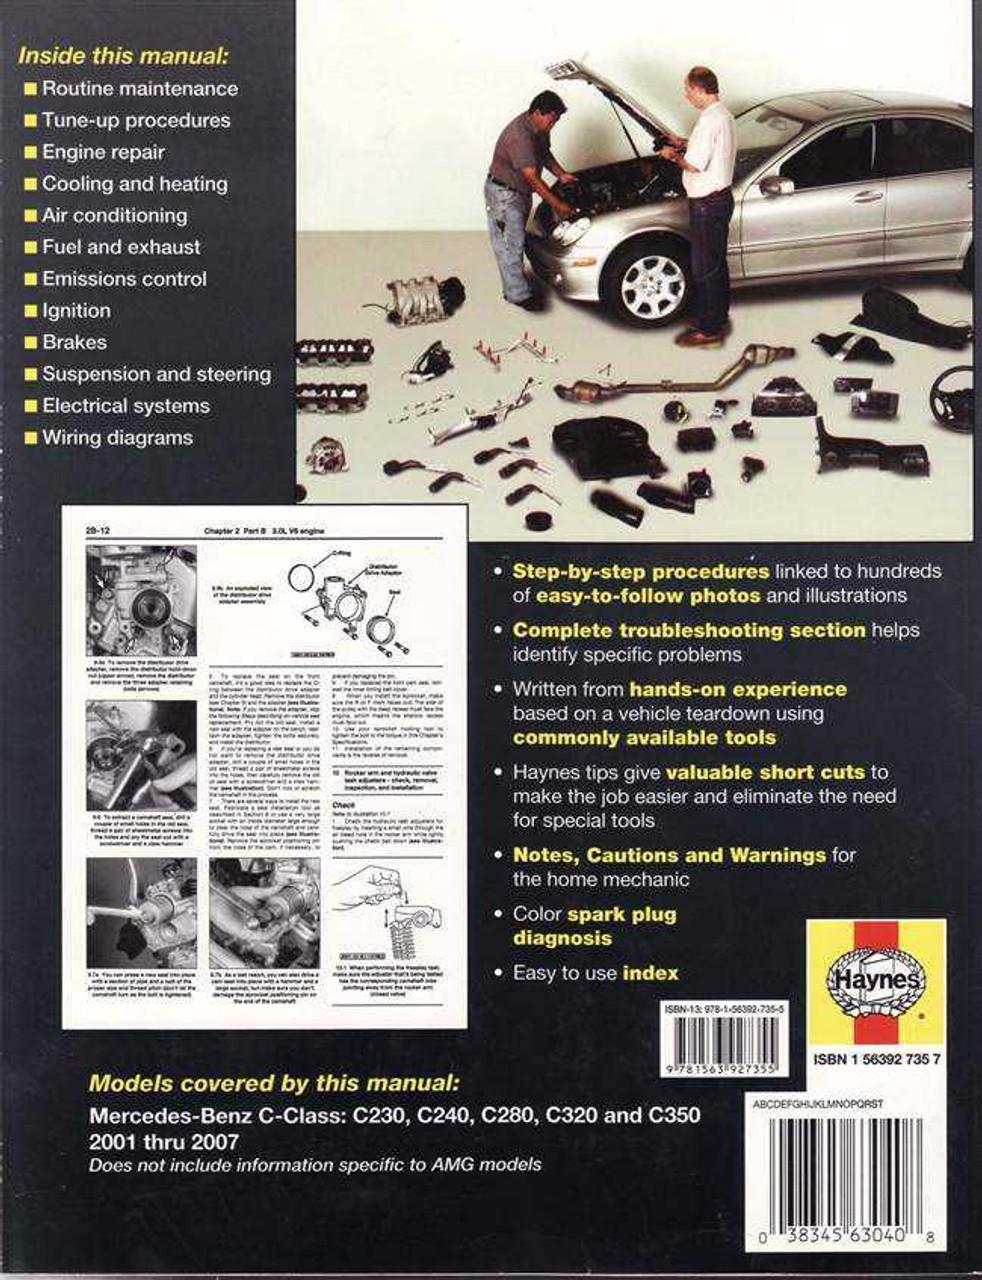 Mercedes - Benz C-Class 2001 - 2007 Workshop Manual